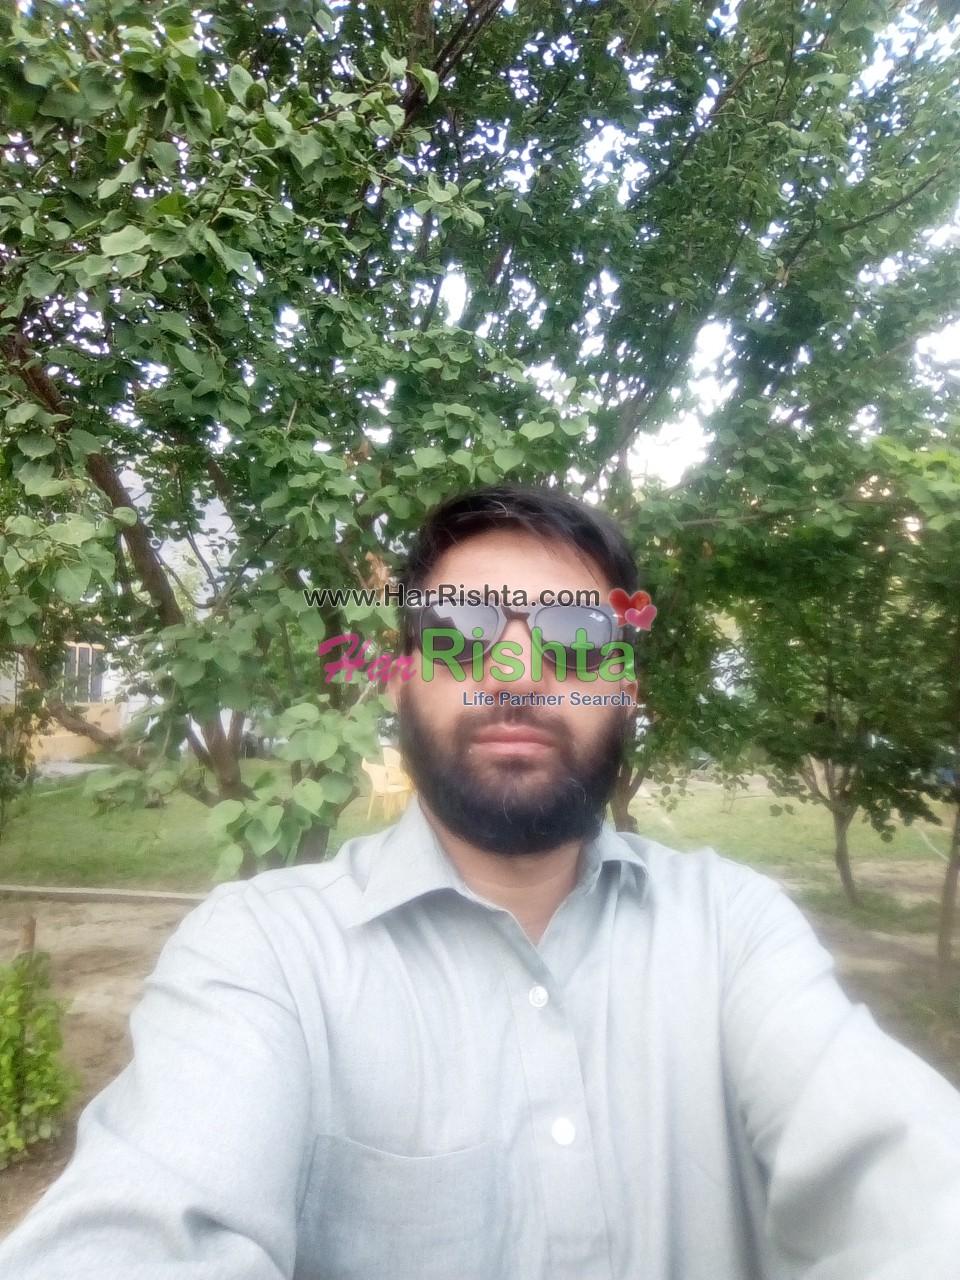 Awan Boy Rishta in Peshawar